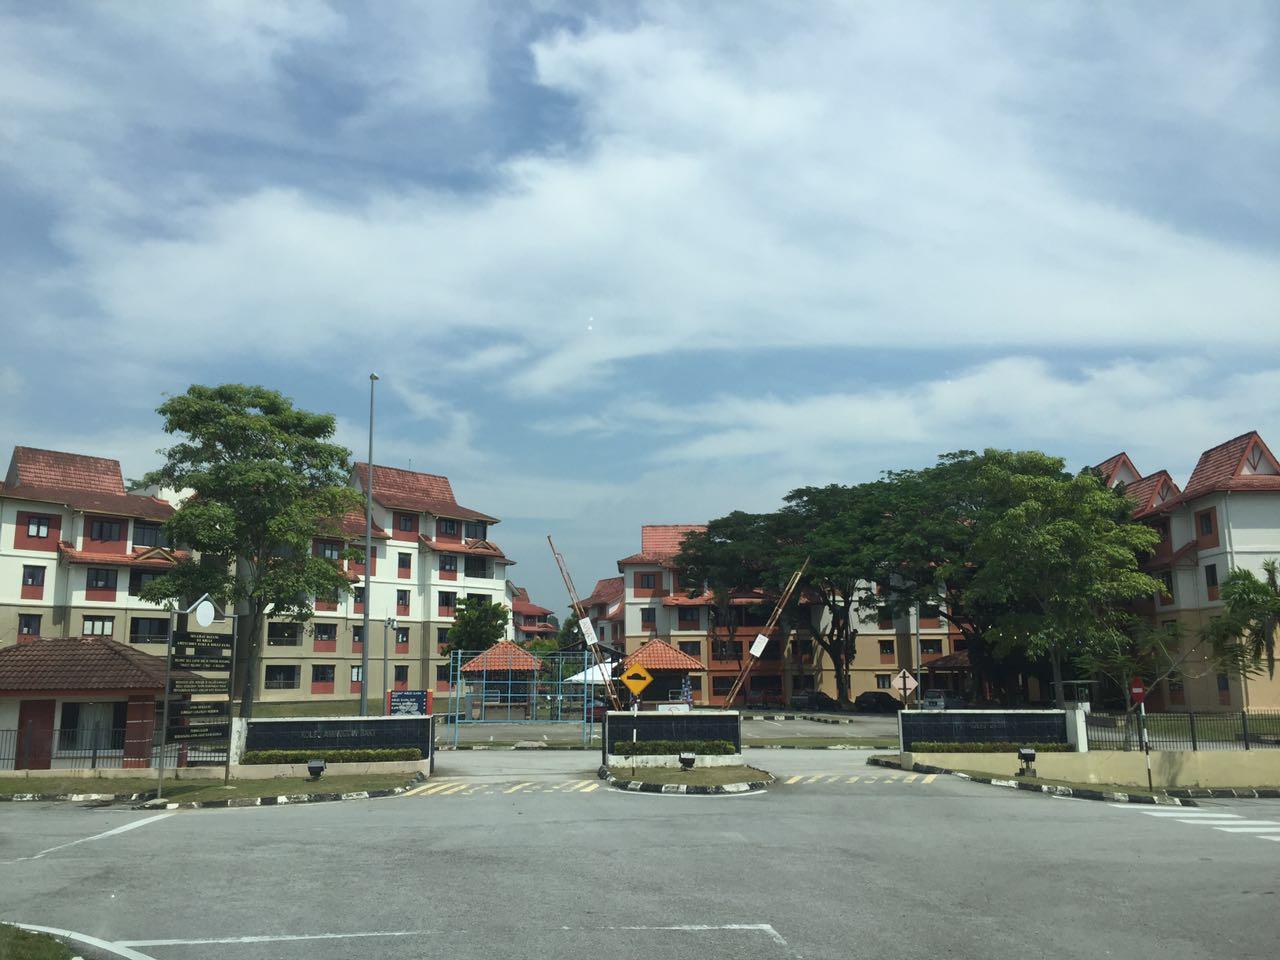 马来西亚拉曼基因研究生青岛鸿升泰高中大学工程技术生物图片